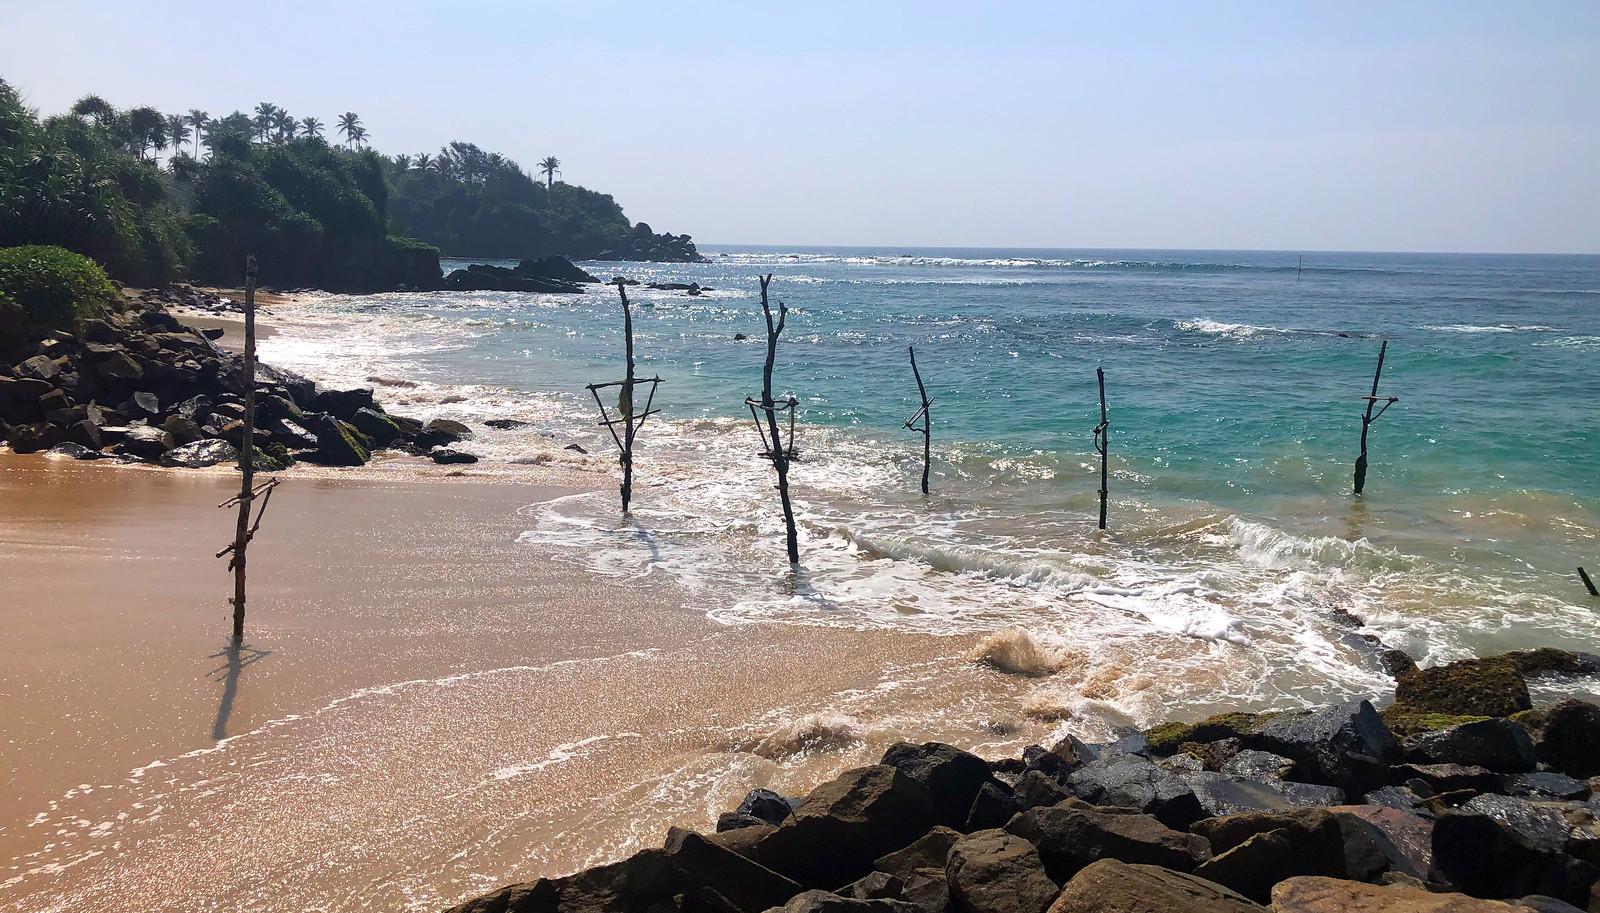 Qué hacer en Unawatuna, Sri Lanka qué hacer en unawatuna - 33260185568 64ee563a15 h - Qué hacer en Unawatuna, el paraíso de Sri Lanka